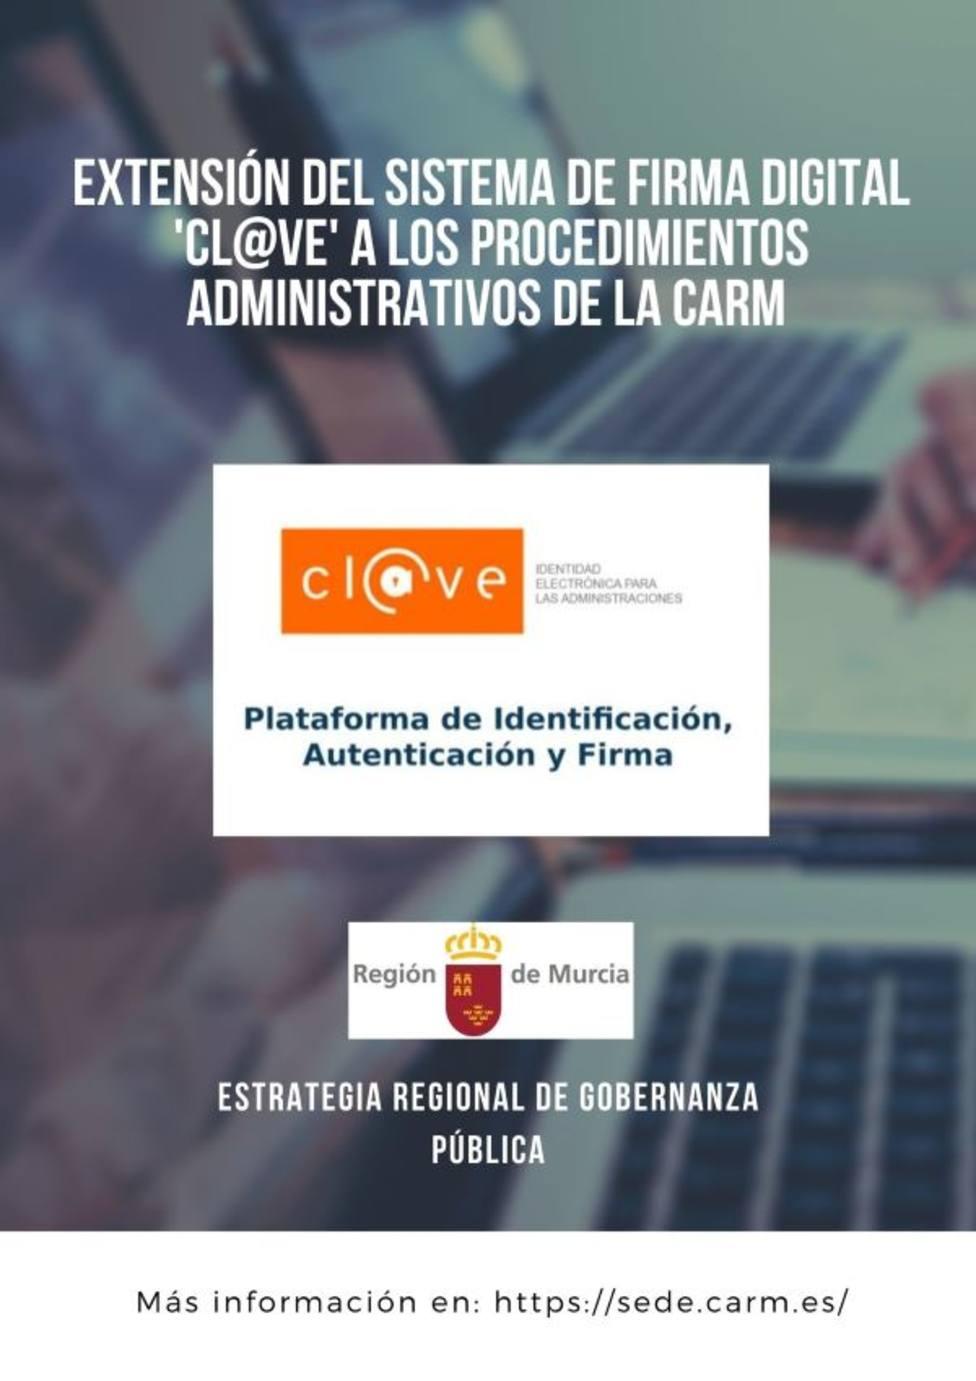 La Comunidad extiende el sistema de firma digital Cl@ve a los procedimientos de la Administración regional